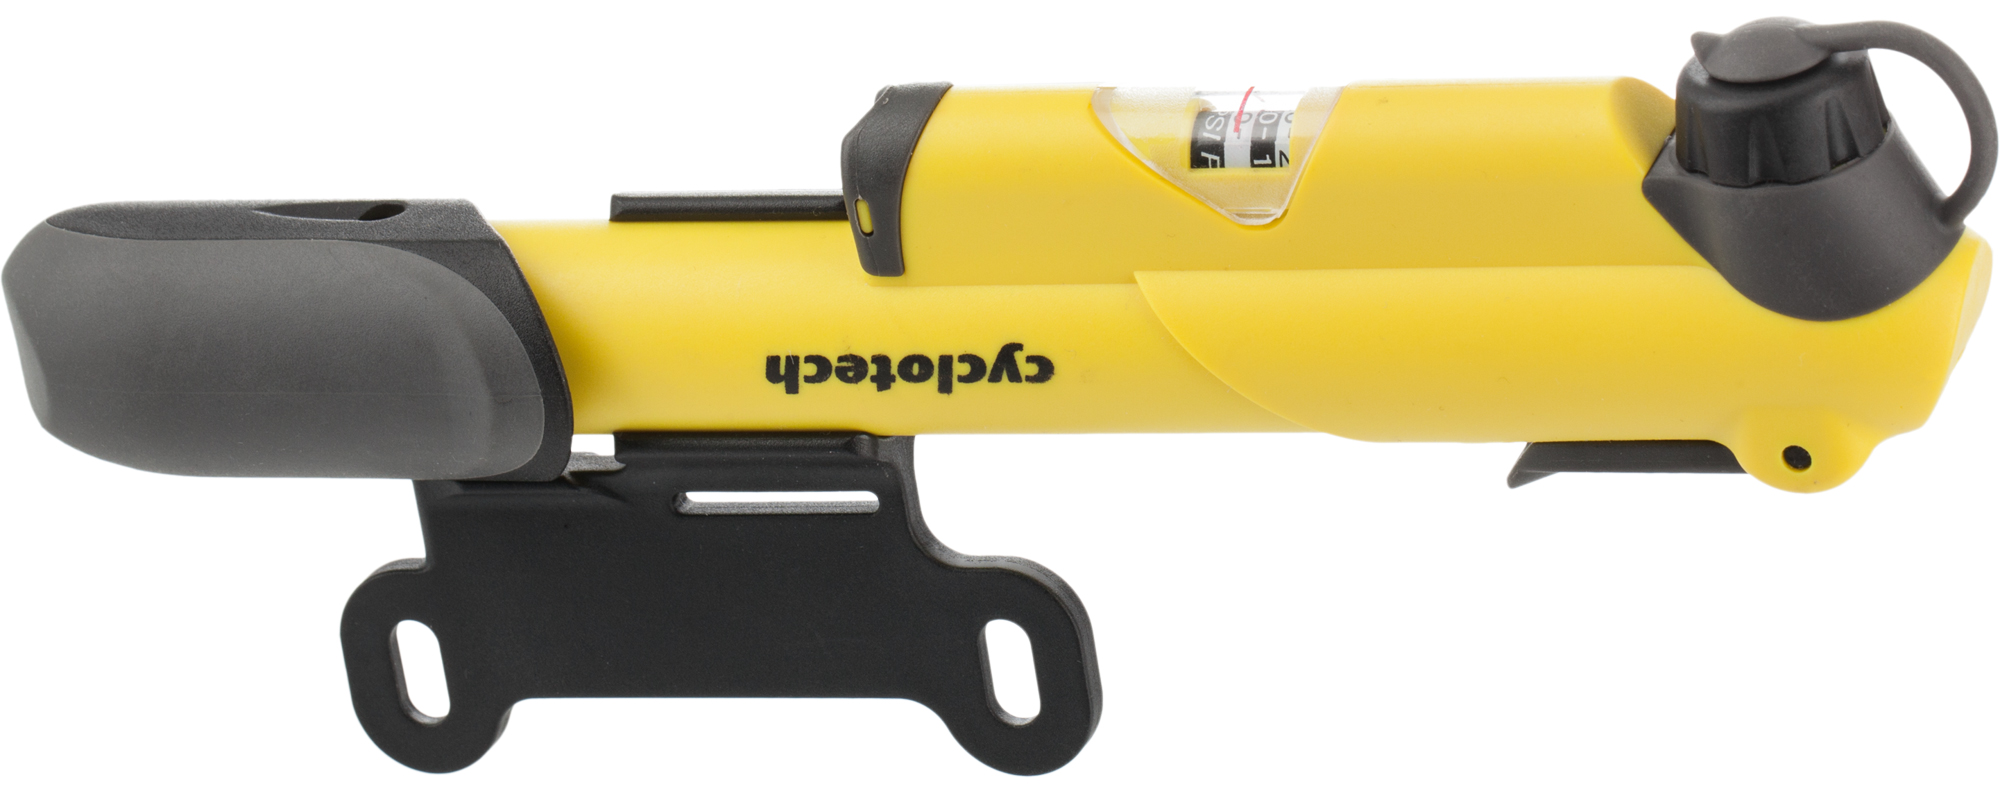 Подробнее о Cyclotech Насос с манометром Cyclotech насос напольный с манометром авто вело